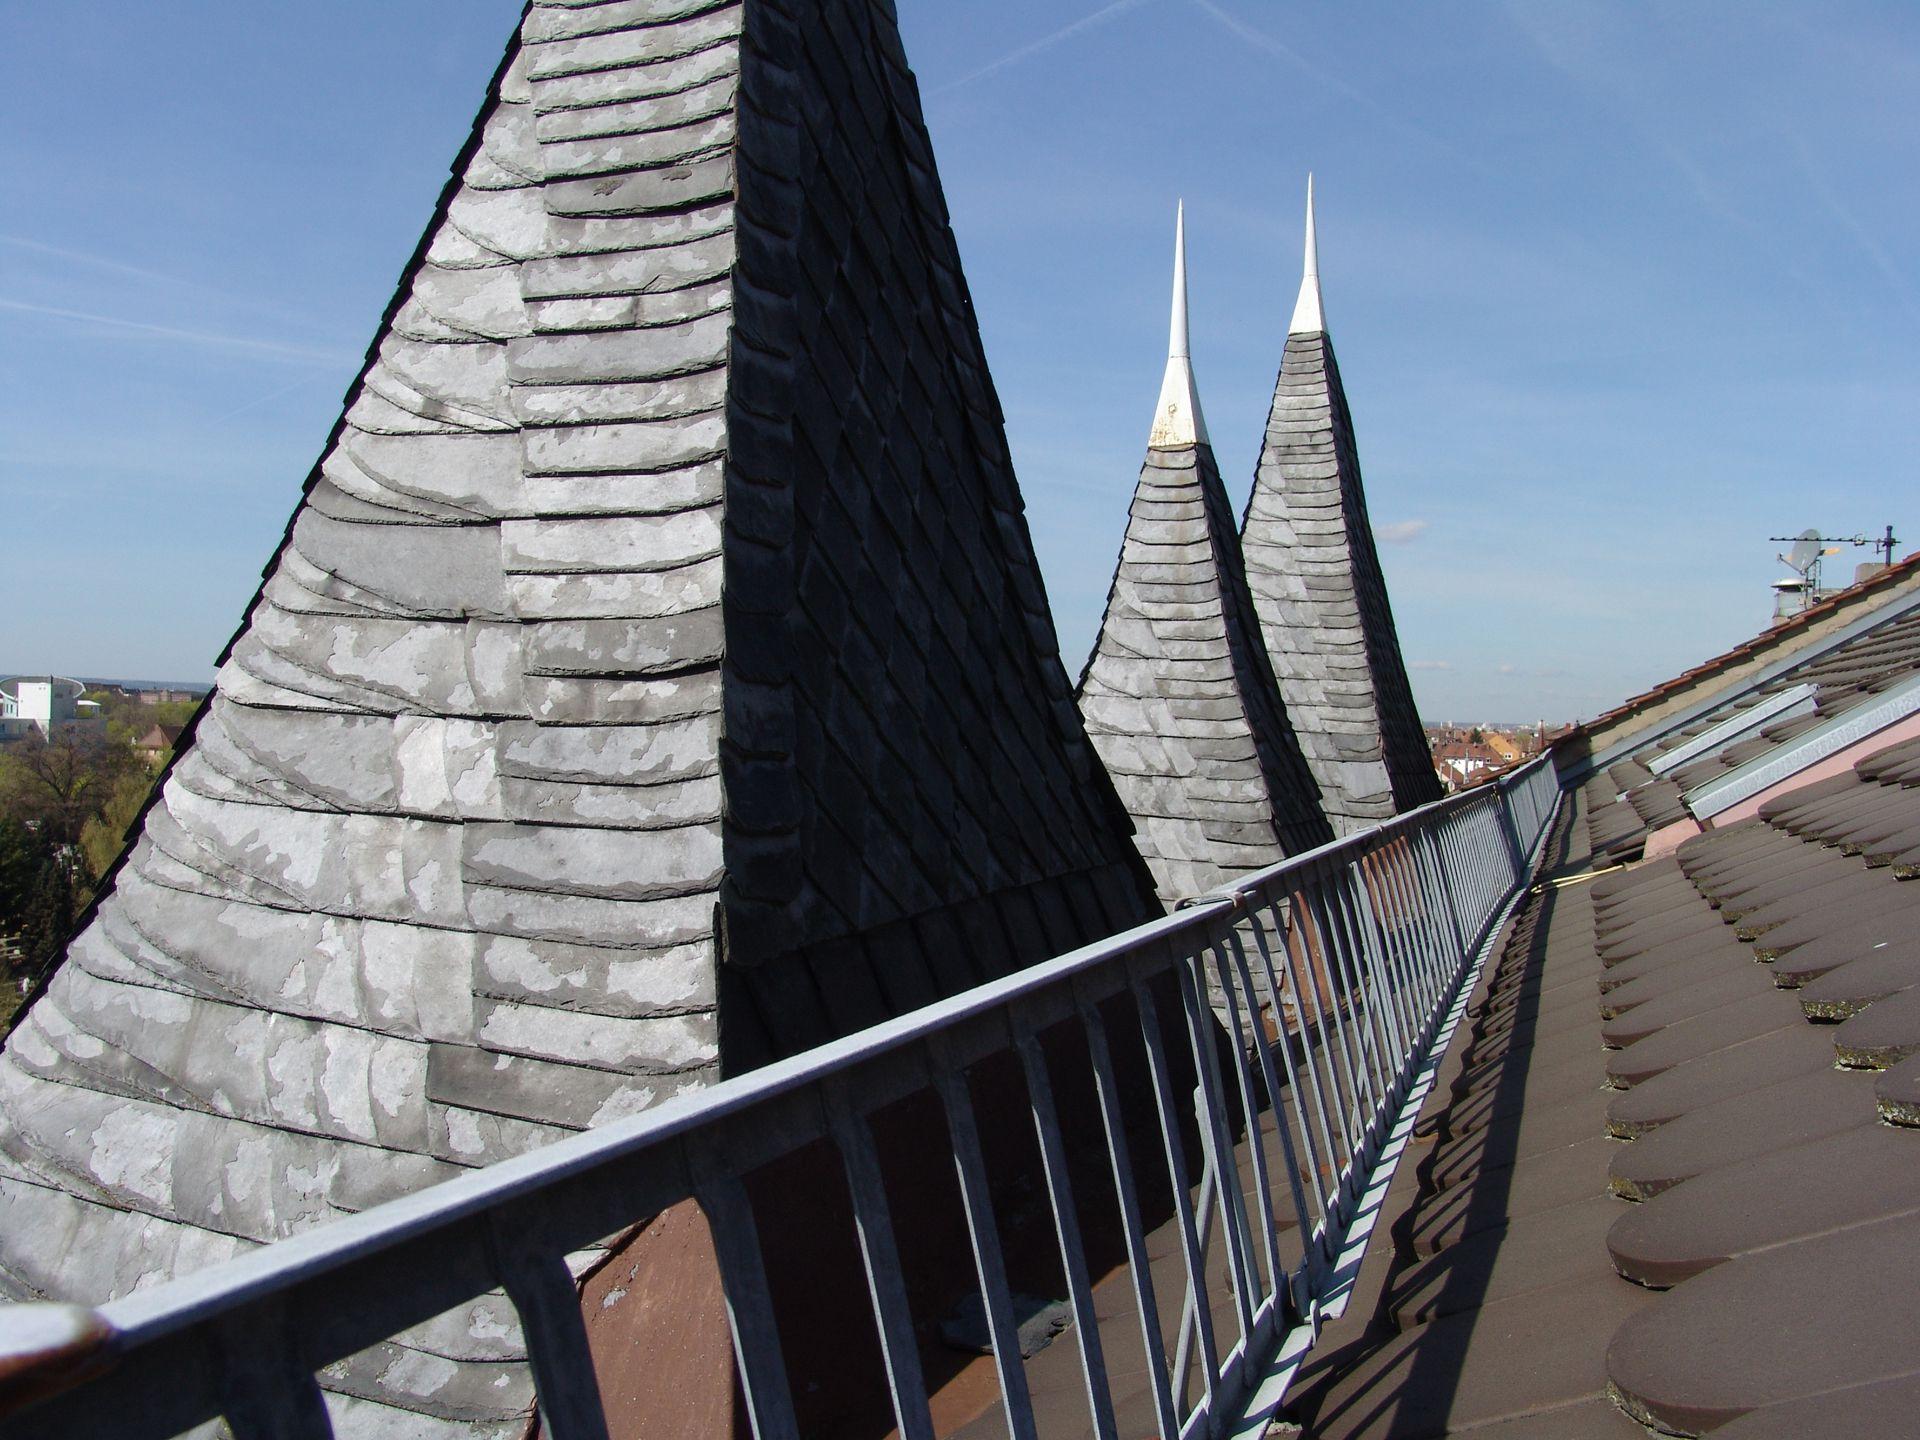 Dachwerk Gaubenpyramiden vom Dach aus gesehen